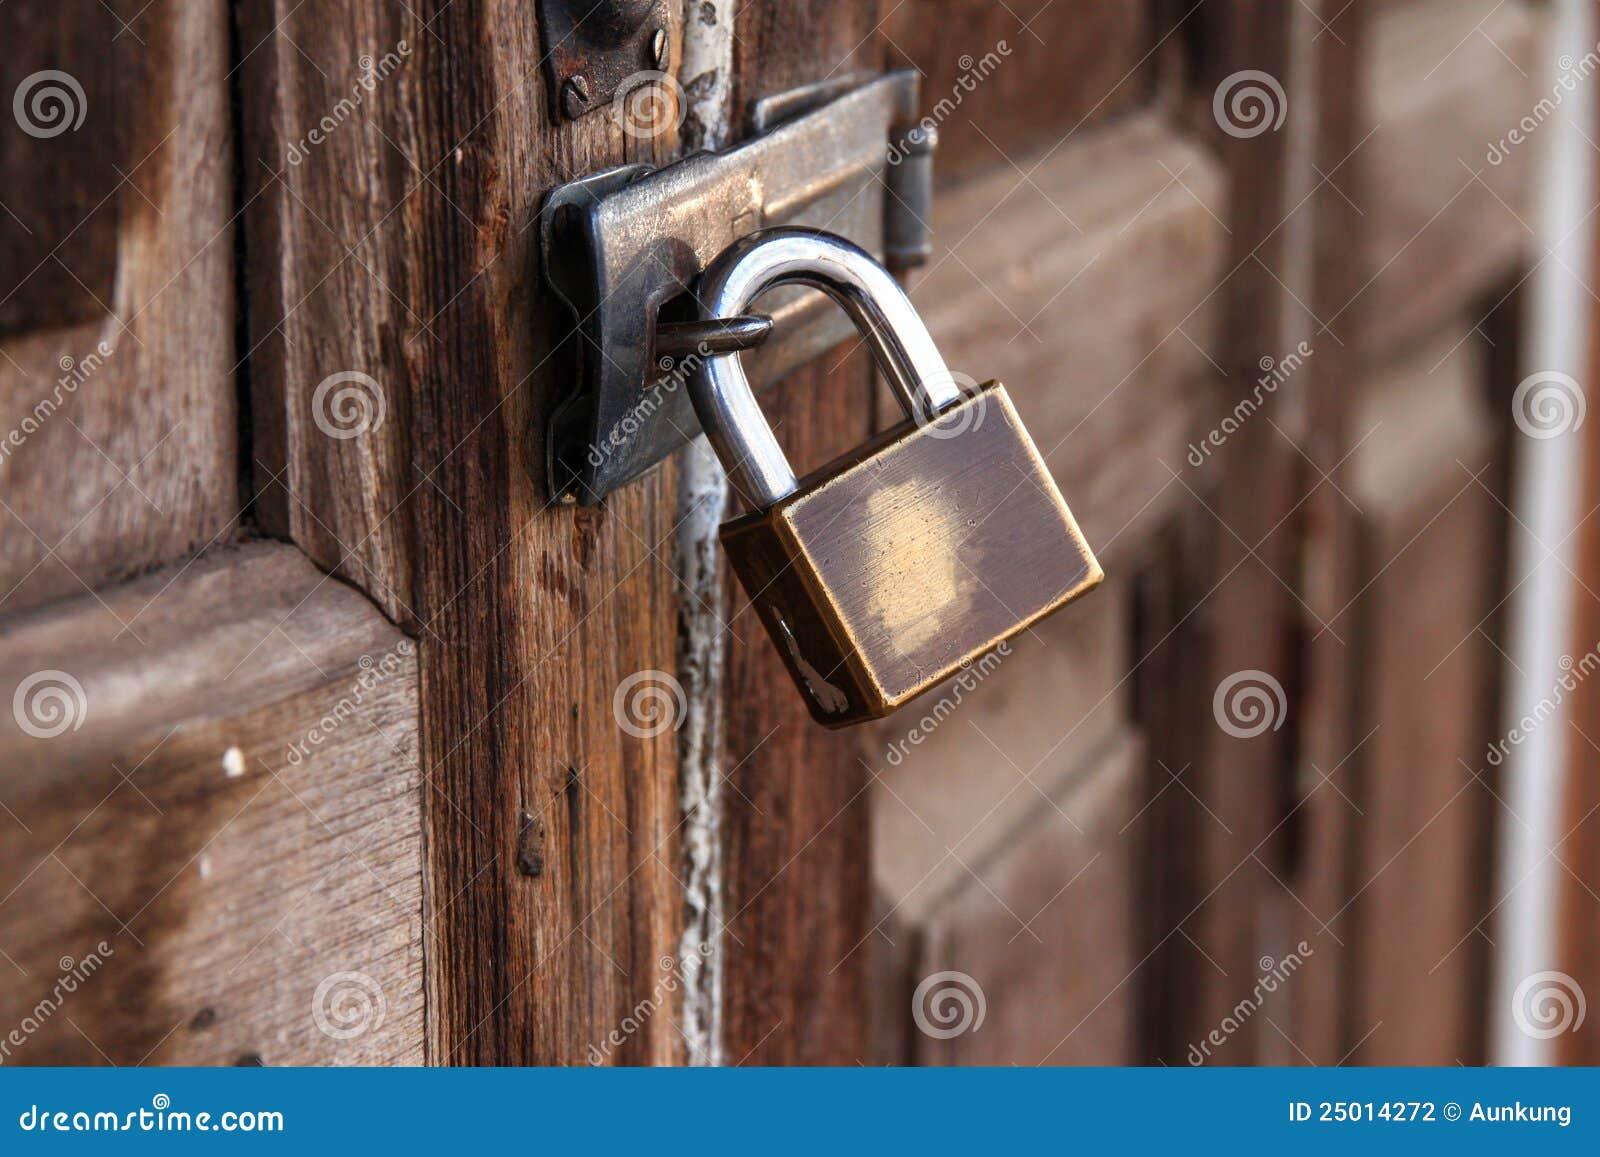 Verschlossene tür  Eine Alte Verschlossene Tür Stockfotografie - Bild: 25014272